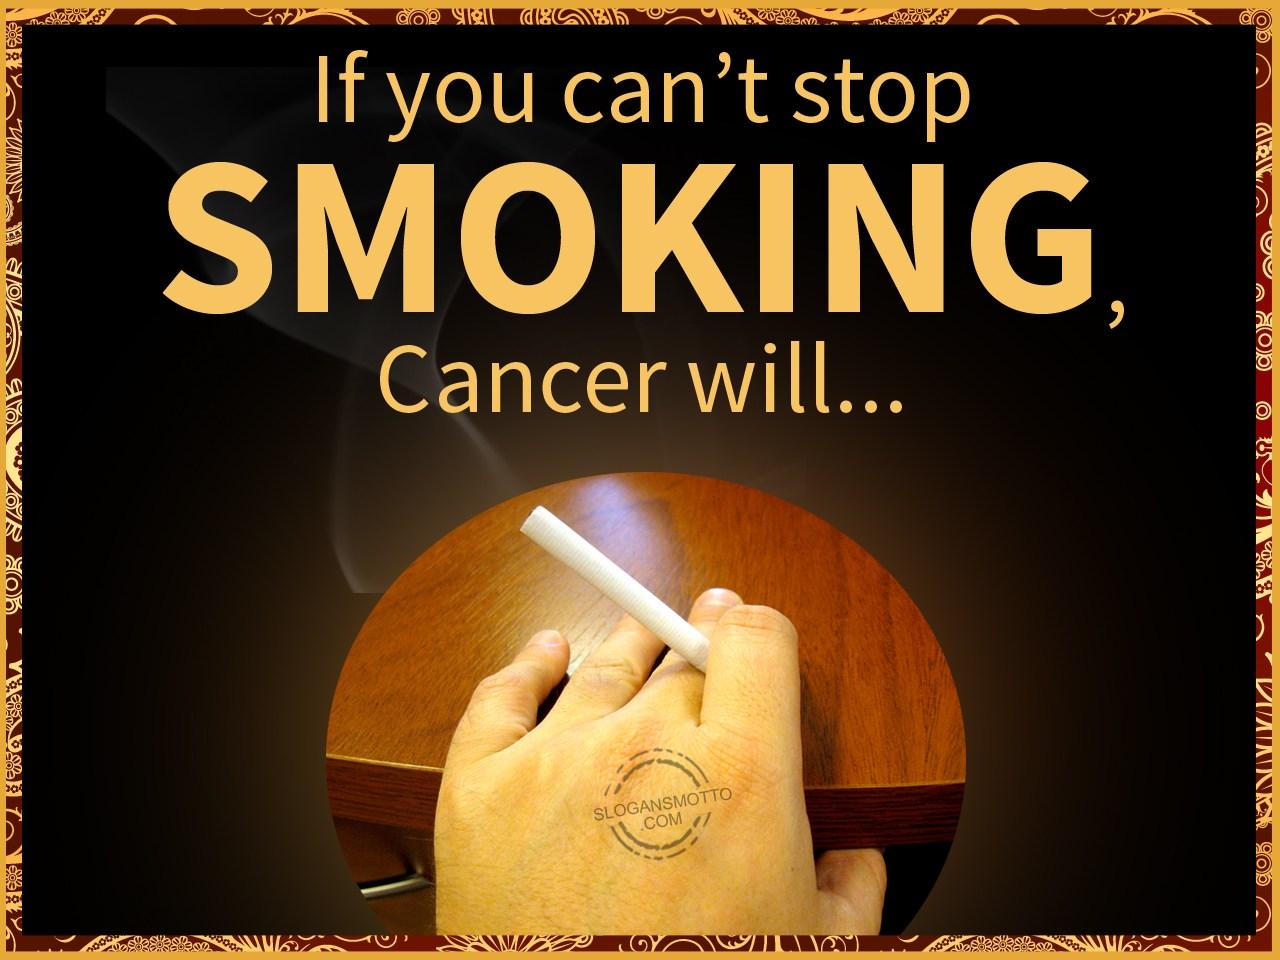 Funny slogans for cigarettes